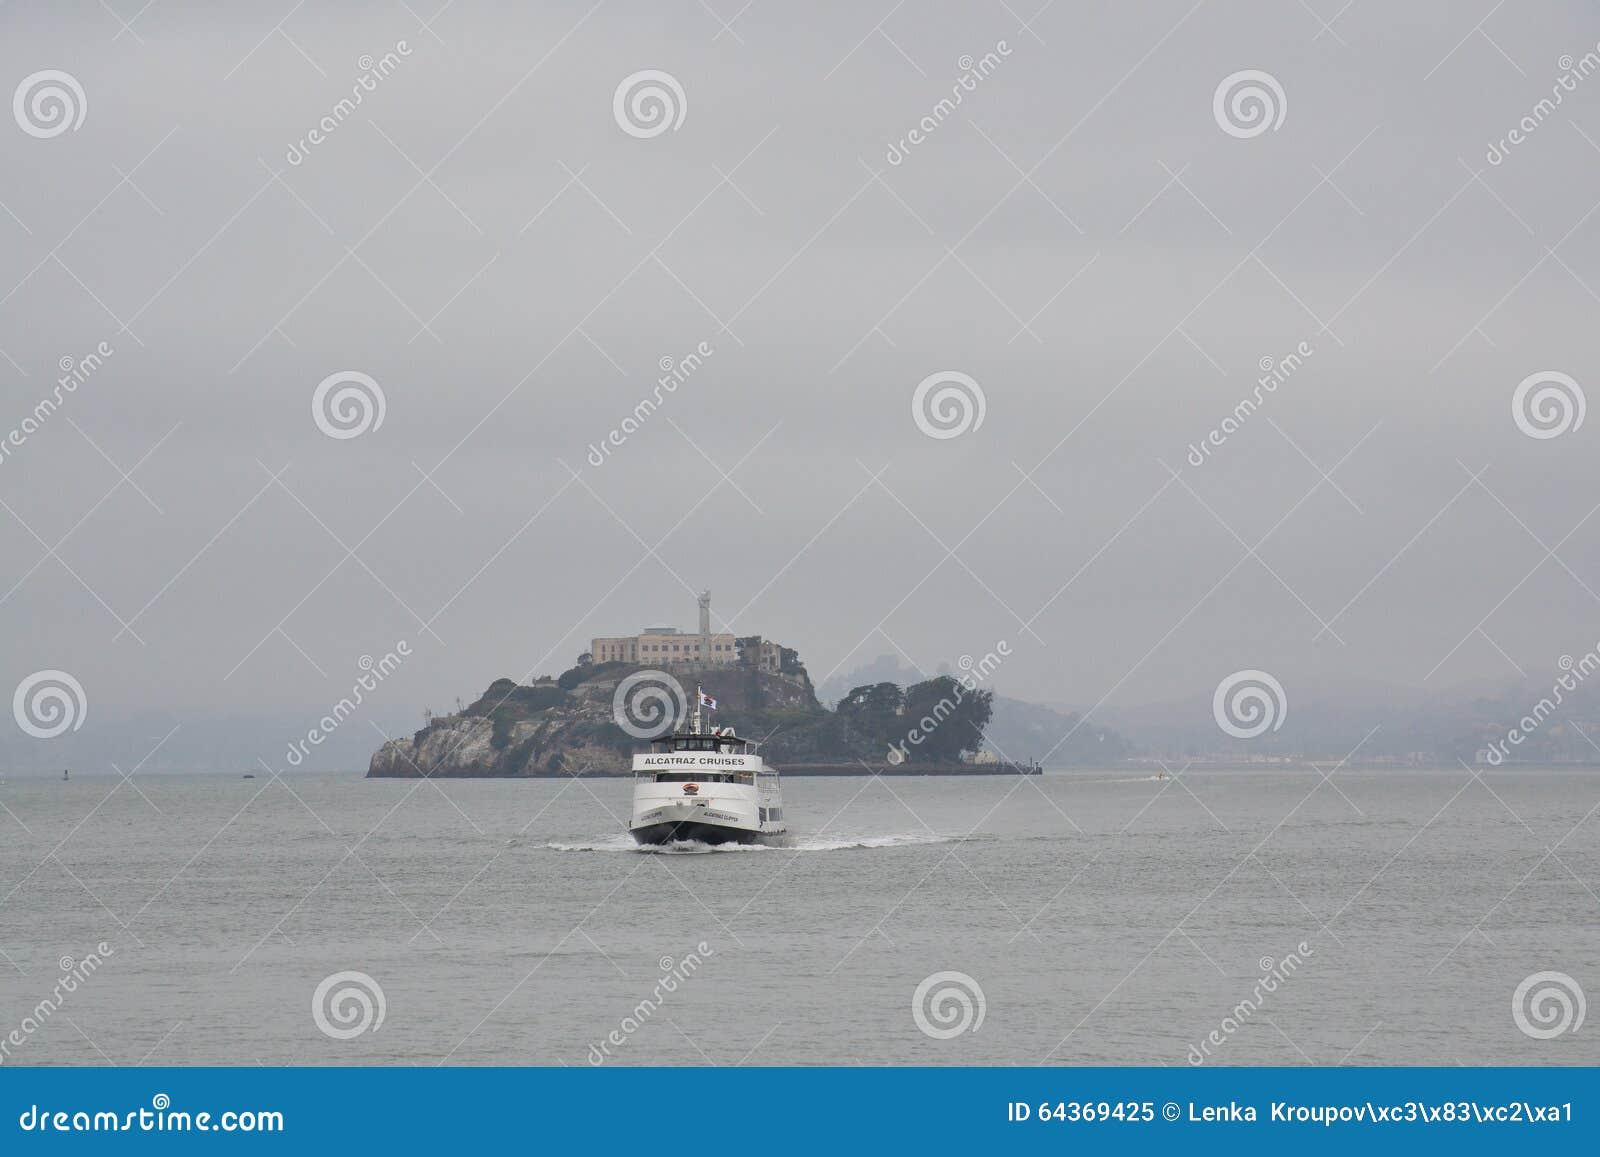 阿尔卡特拉斯岛-旧金山